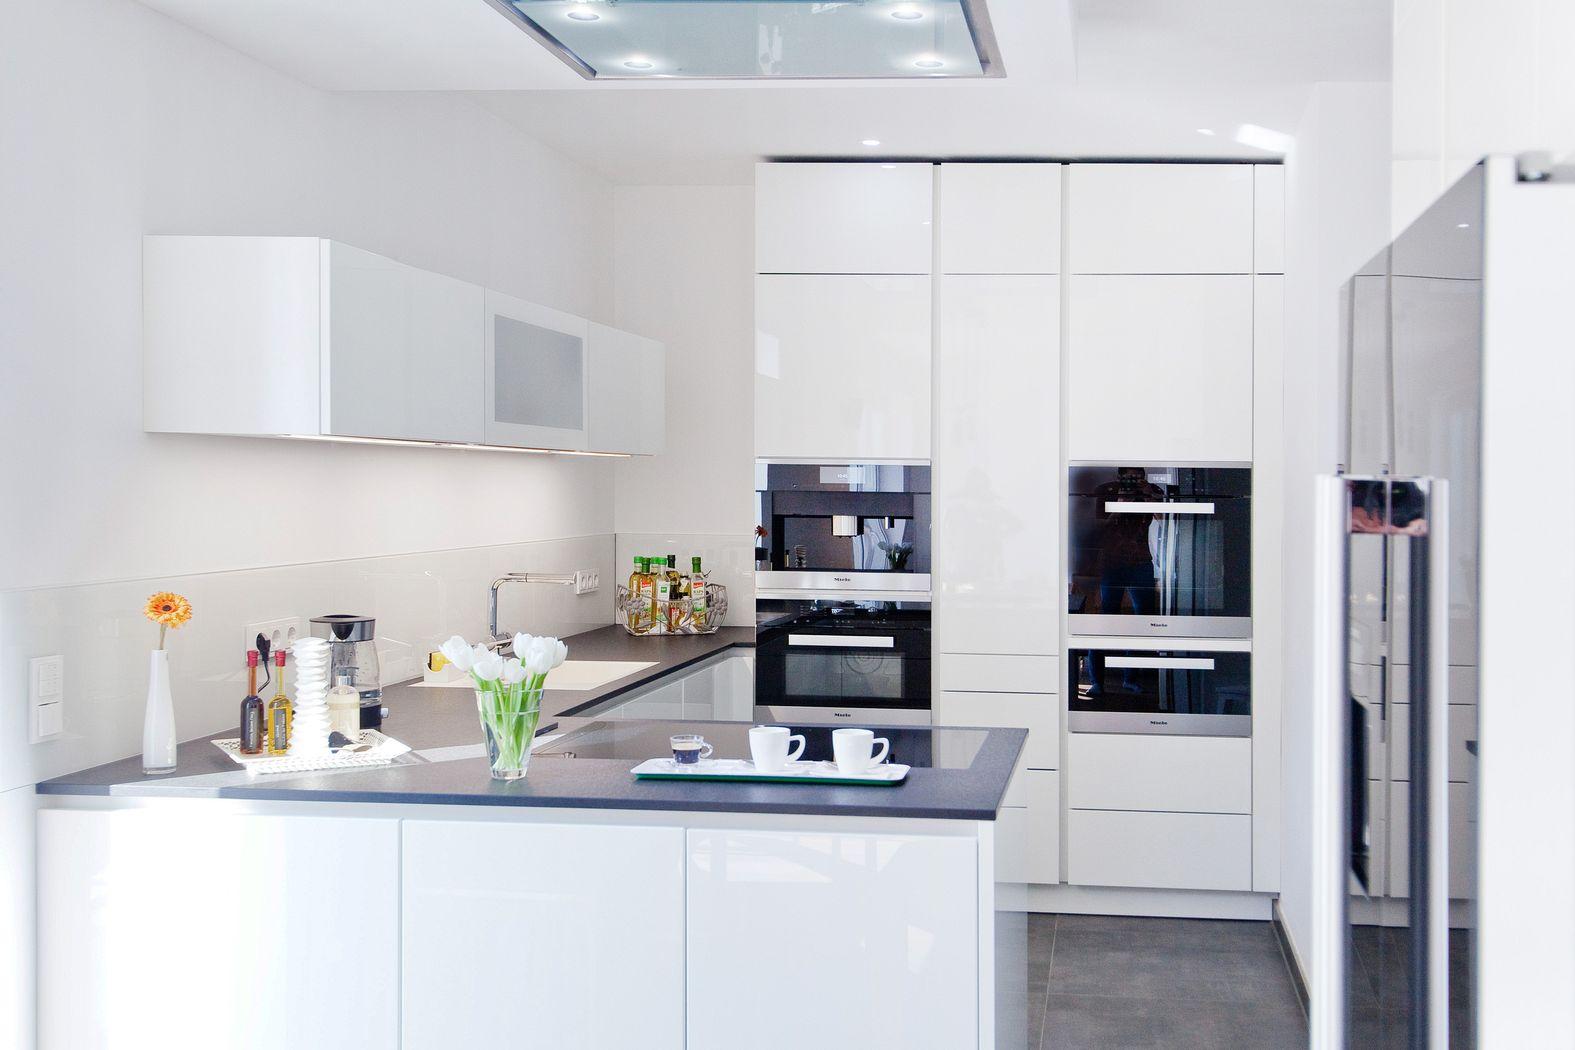 Küche Weiß Hochglanz Charmant On Andere In Bezug Auf Weiße Design Grifflos Mit Großer Kühl 1